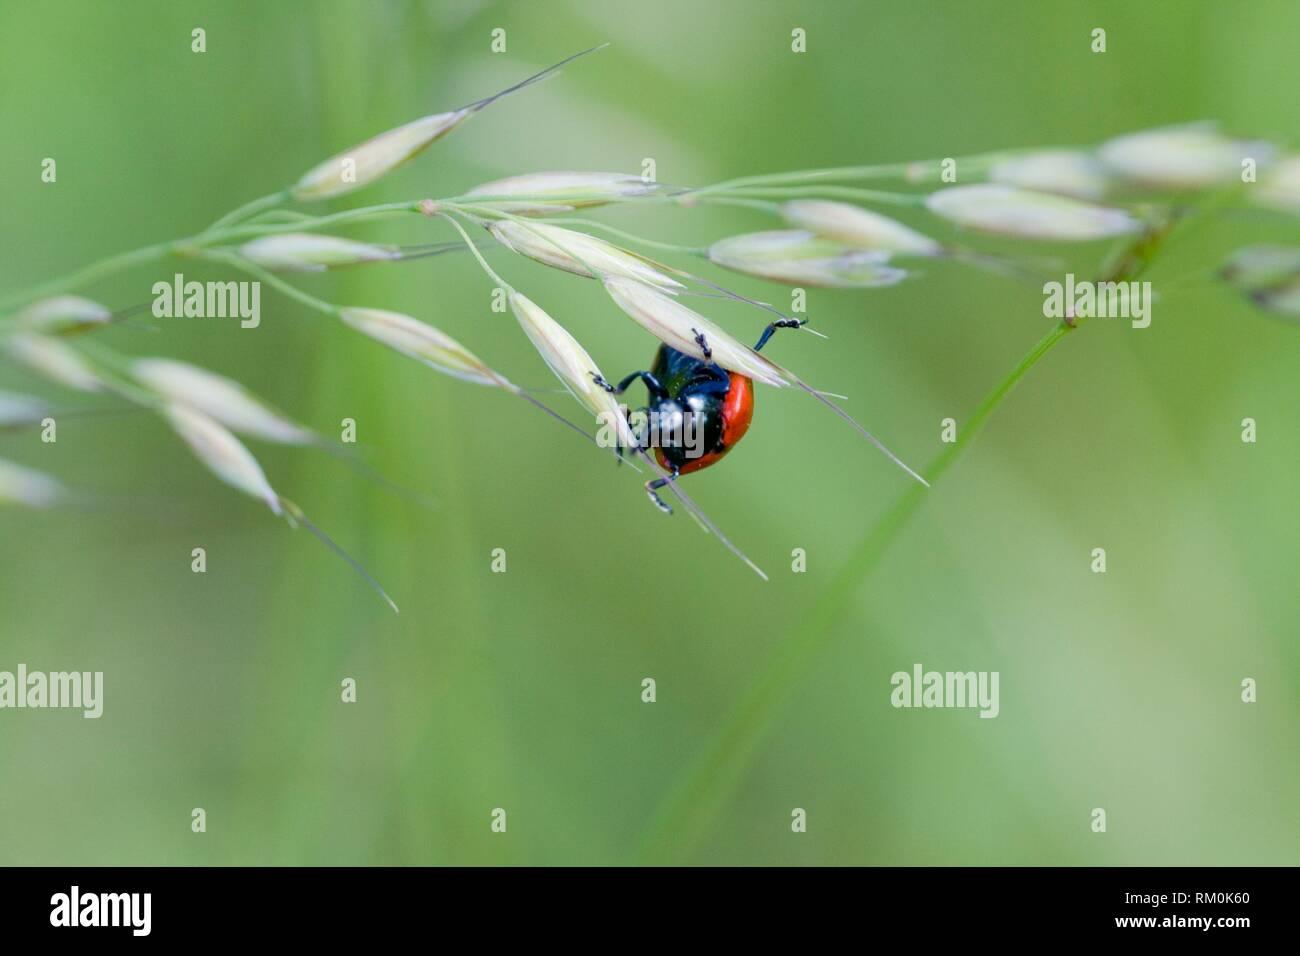 Red Poplar Beetle, Chrysomela populi, Balsam Poplar Leaf Beetle. Leaf beetle pest of alder, willow and poplar. Leaf skeletonizer of economic - Stock Image